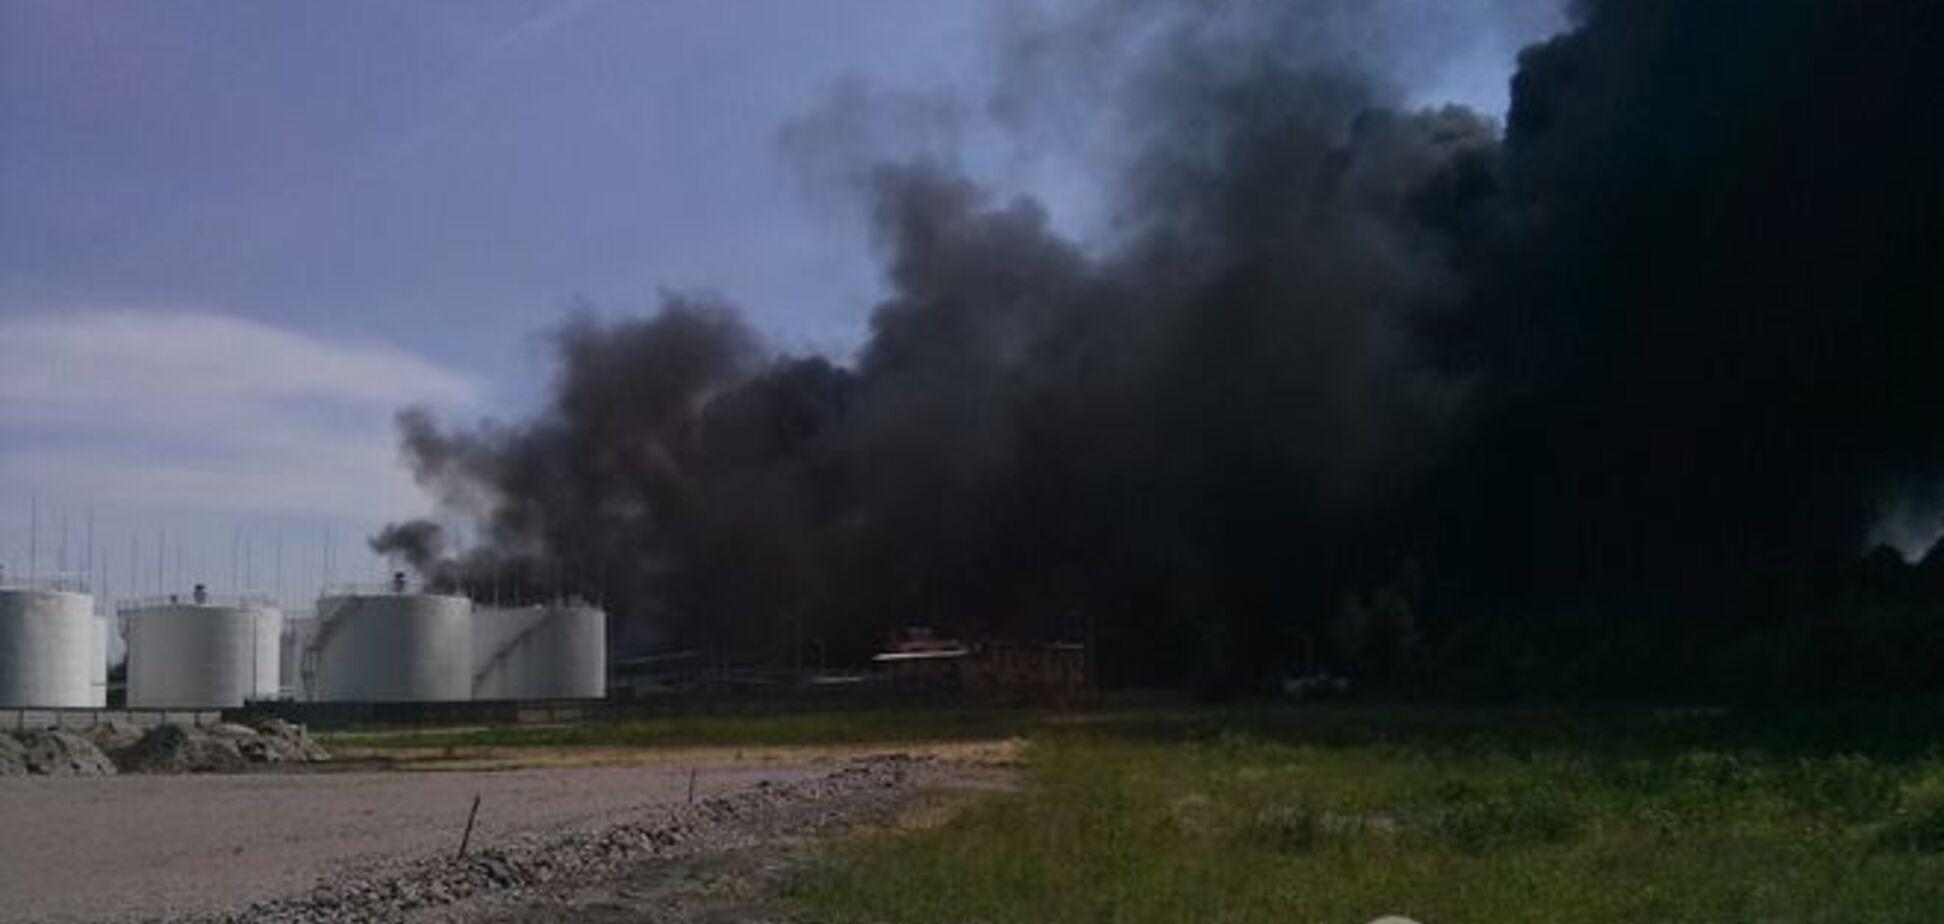 Огонь от пожара на нефтебазе в Василькове перебросился на лес